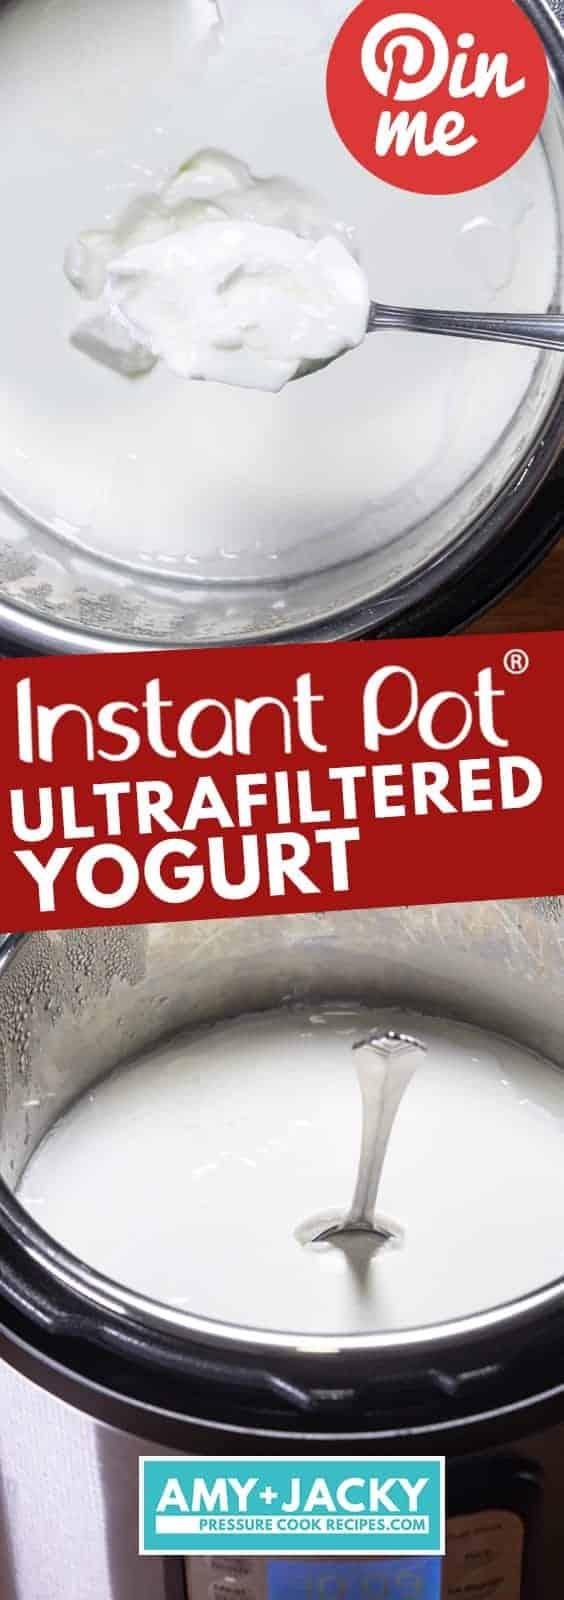 Instant Pot Yogurt | Instant Pot Cold Start Yogurt | Instant Pot No Boil Yogurt | Instant Pot Ultrafiltered Yogurt | Pressure Cooker Yogurt | How to make Yogurt #instantpot #pressurecooker #fairlife #ultrafiltered #lactosefree #healthy #breakfast